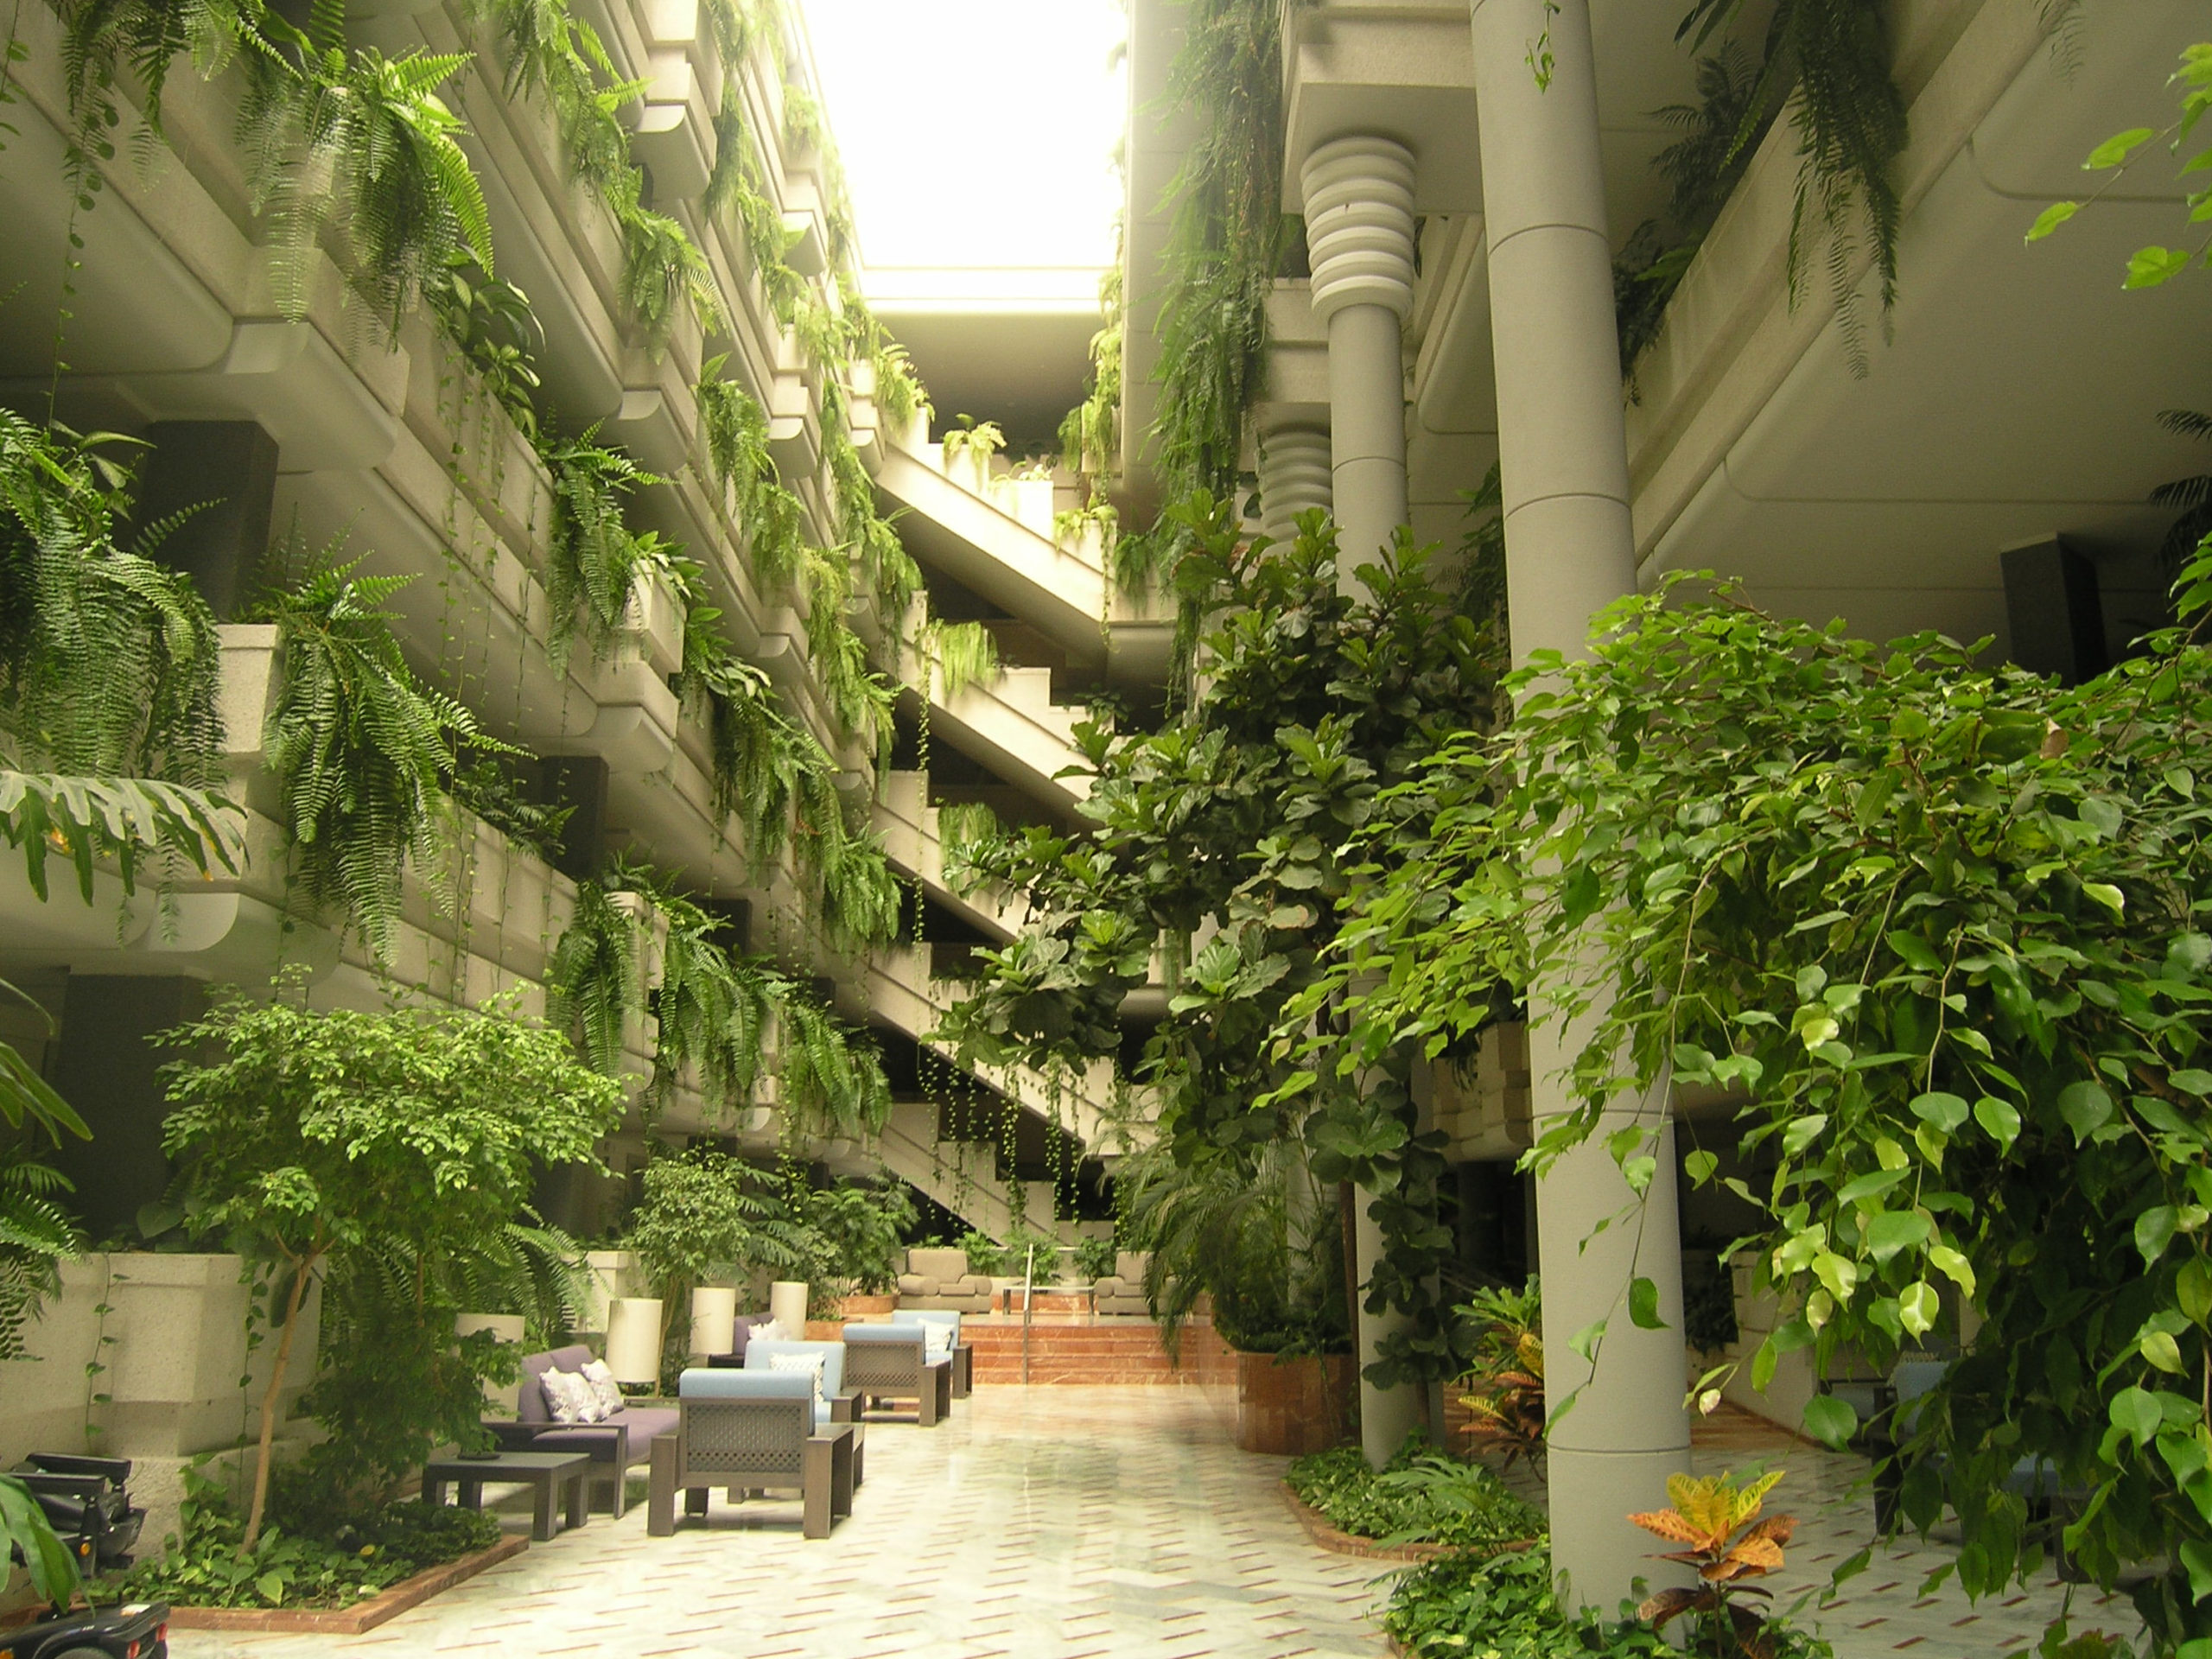 zielone wnętrze budynku